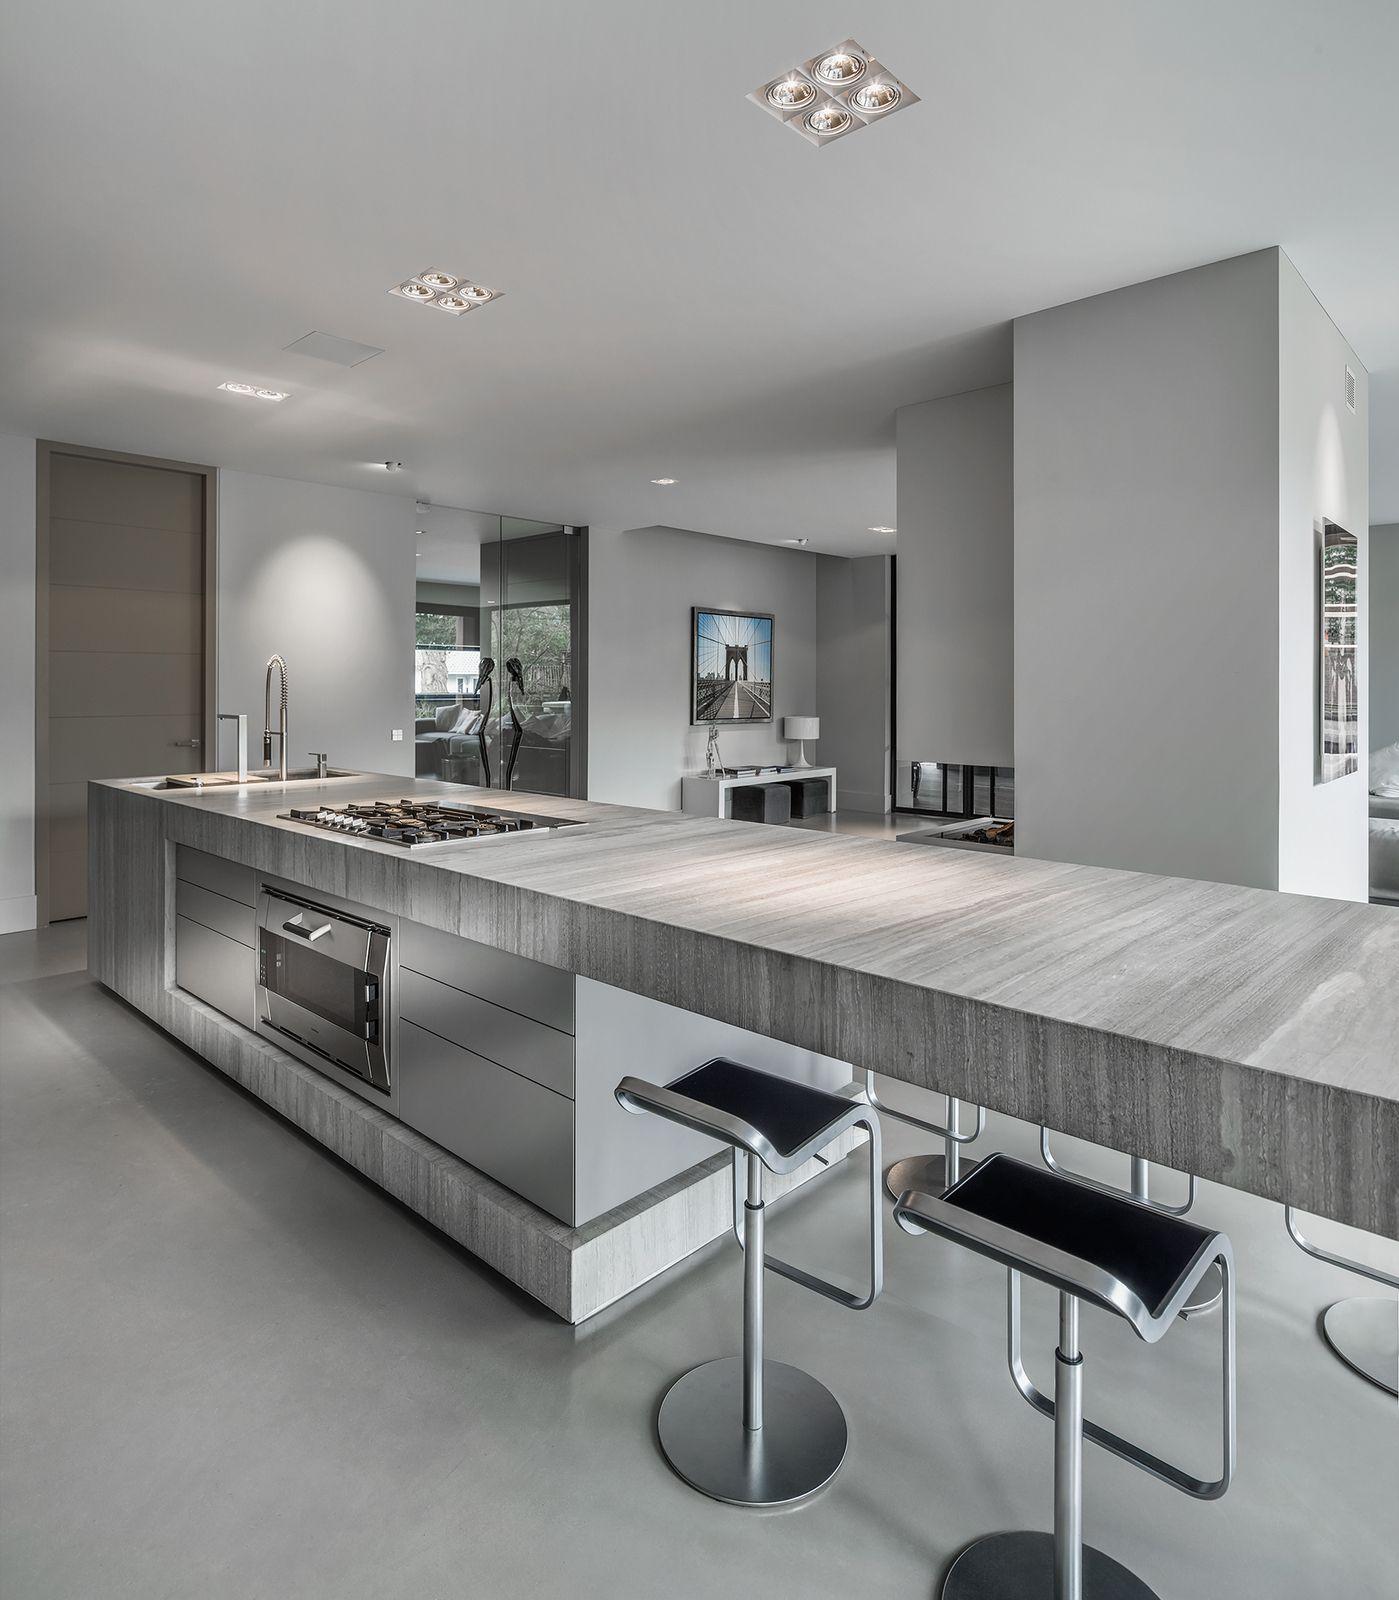 culinaria tamao las cocinas de gama alta interiores cocinas italianas y cocinas del